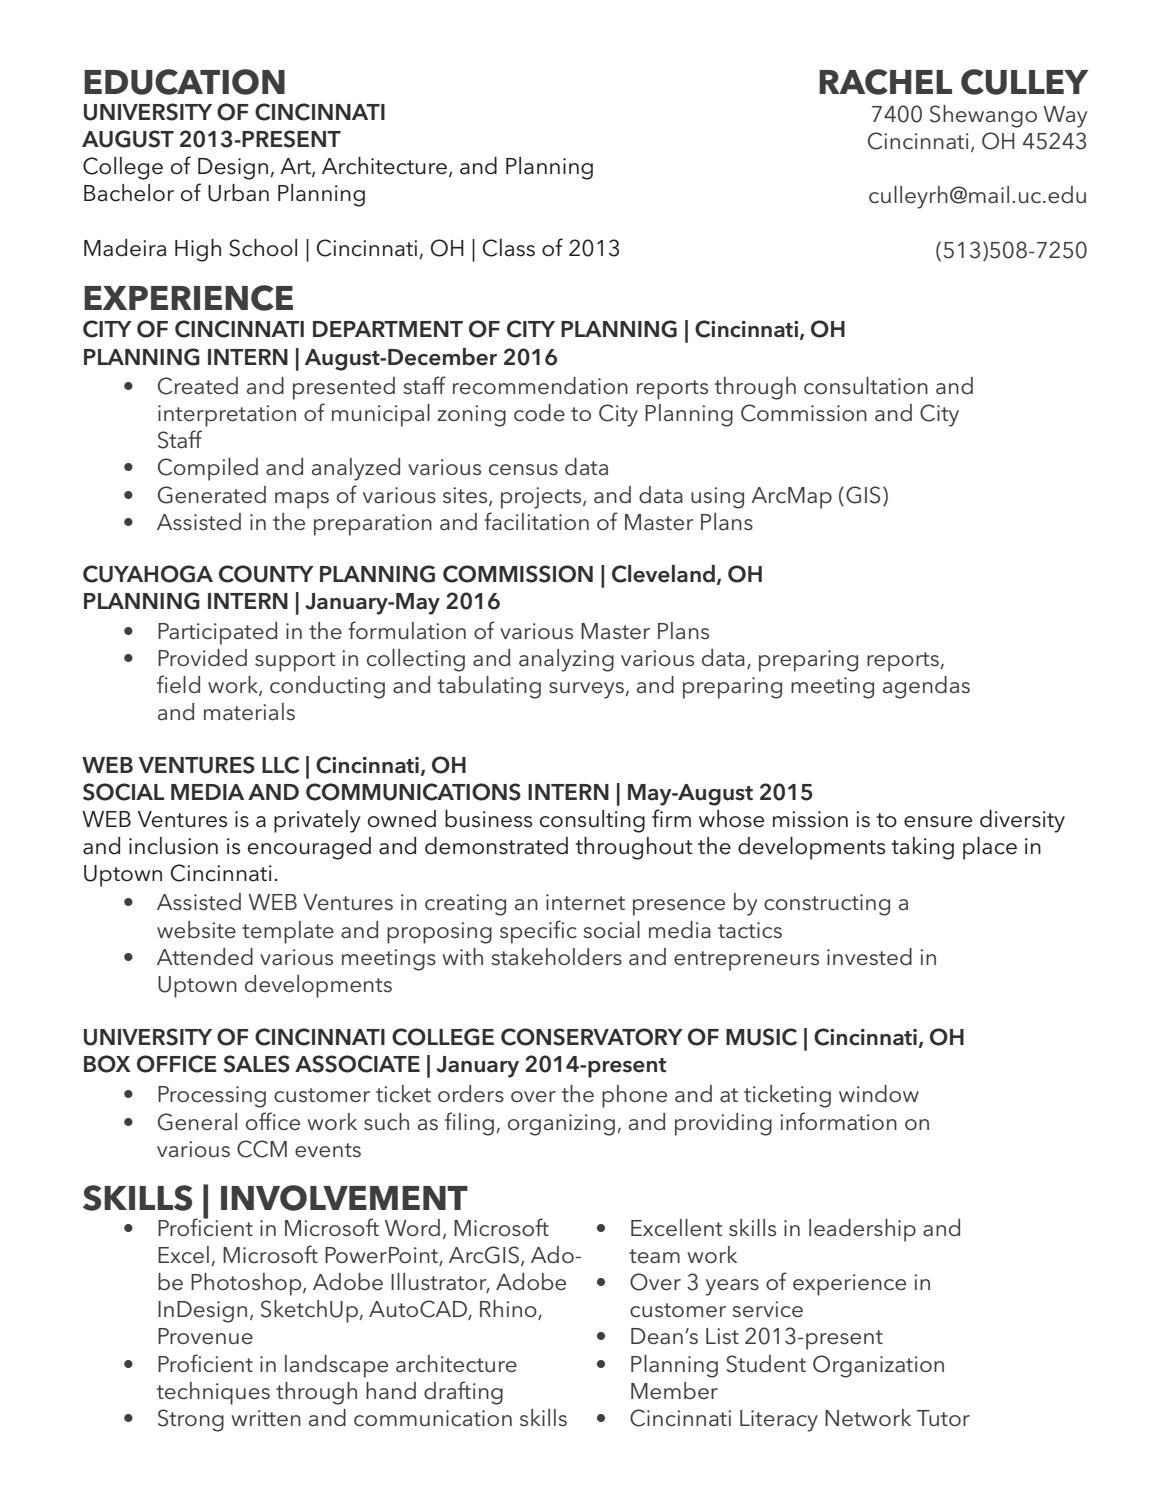 Resume by Rachel Culley - issuu